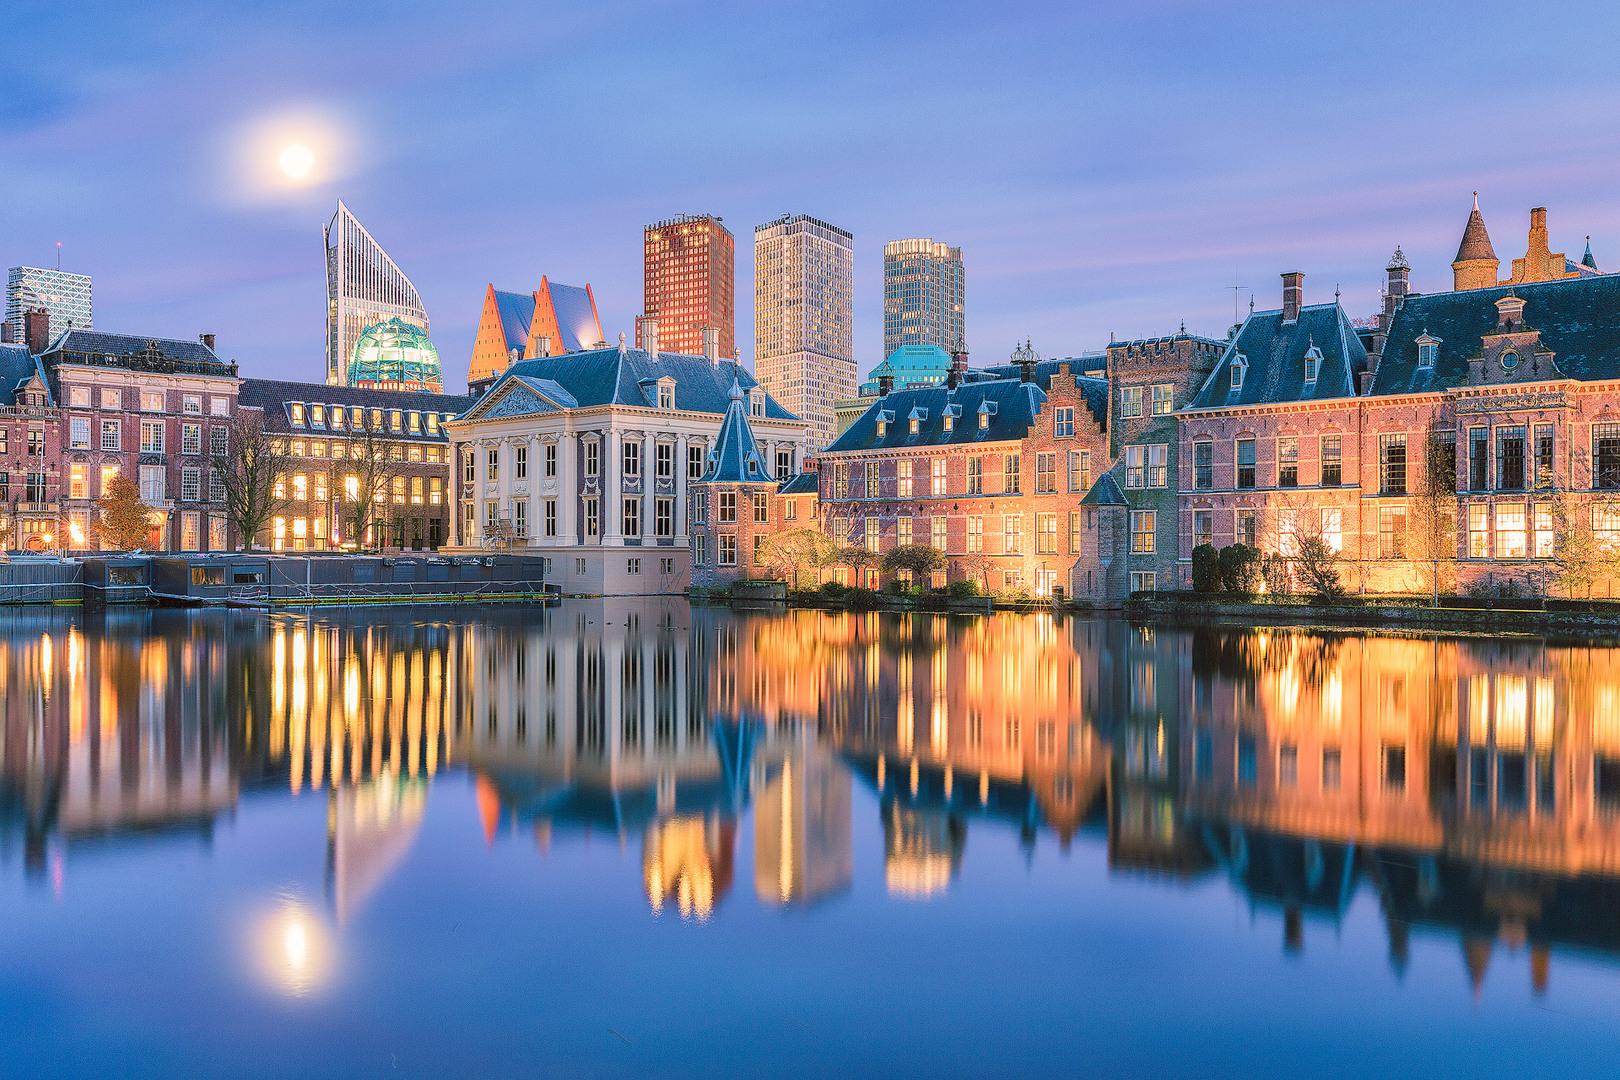 Cityscapes fotograferen - De Tweede Kamer en het Mauritshuis weerspiegelen in de Hofvijver in Den Haag